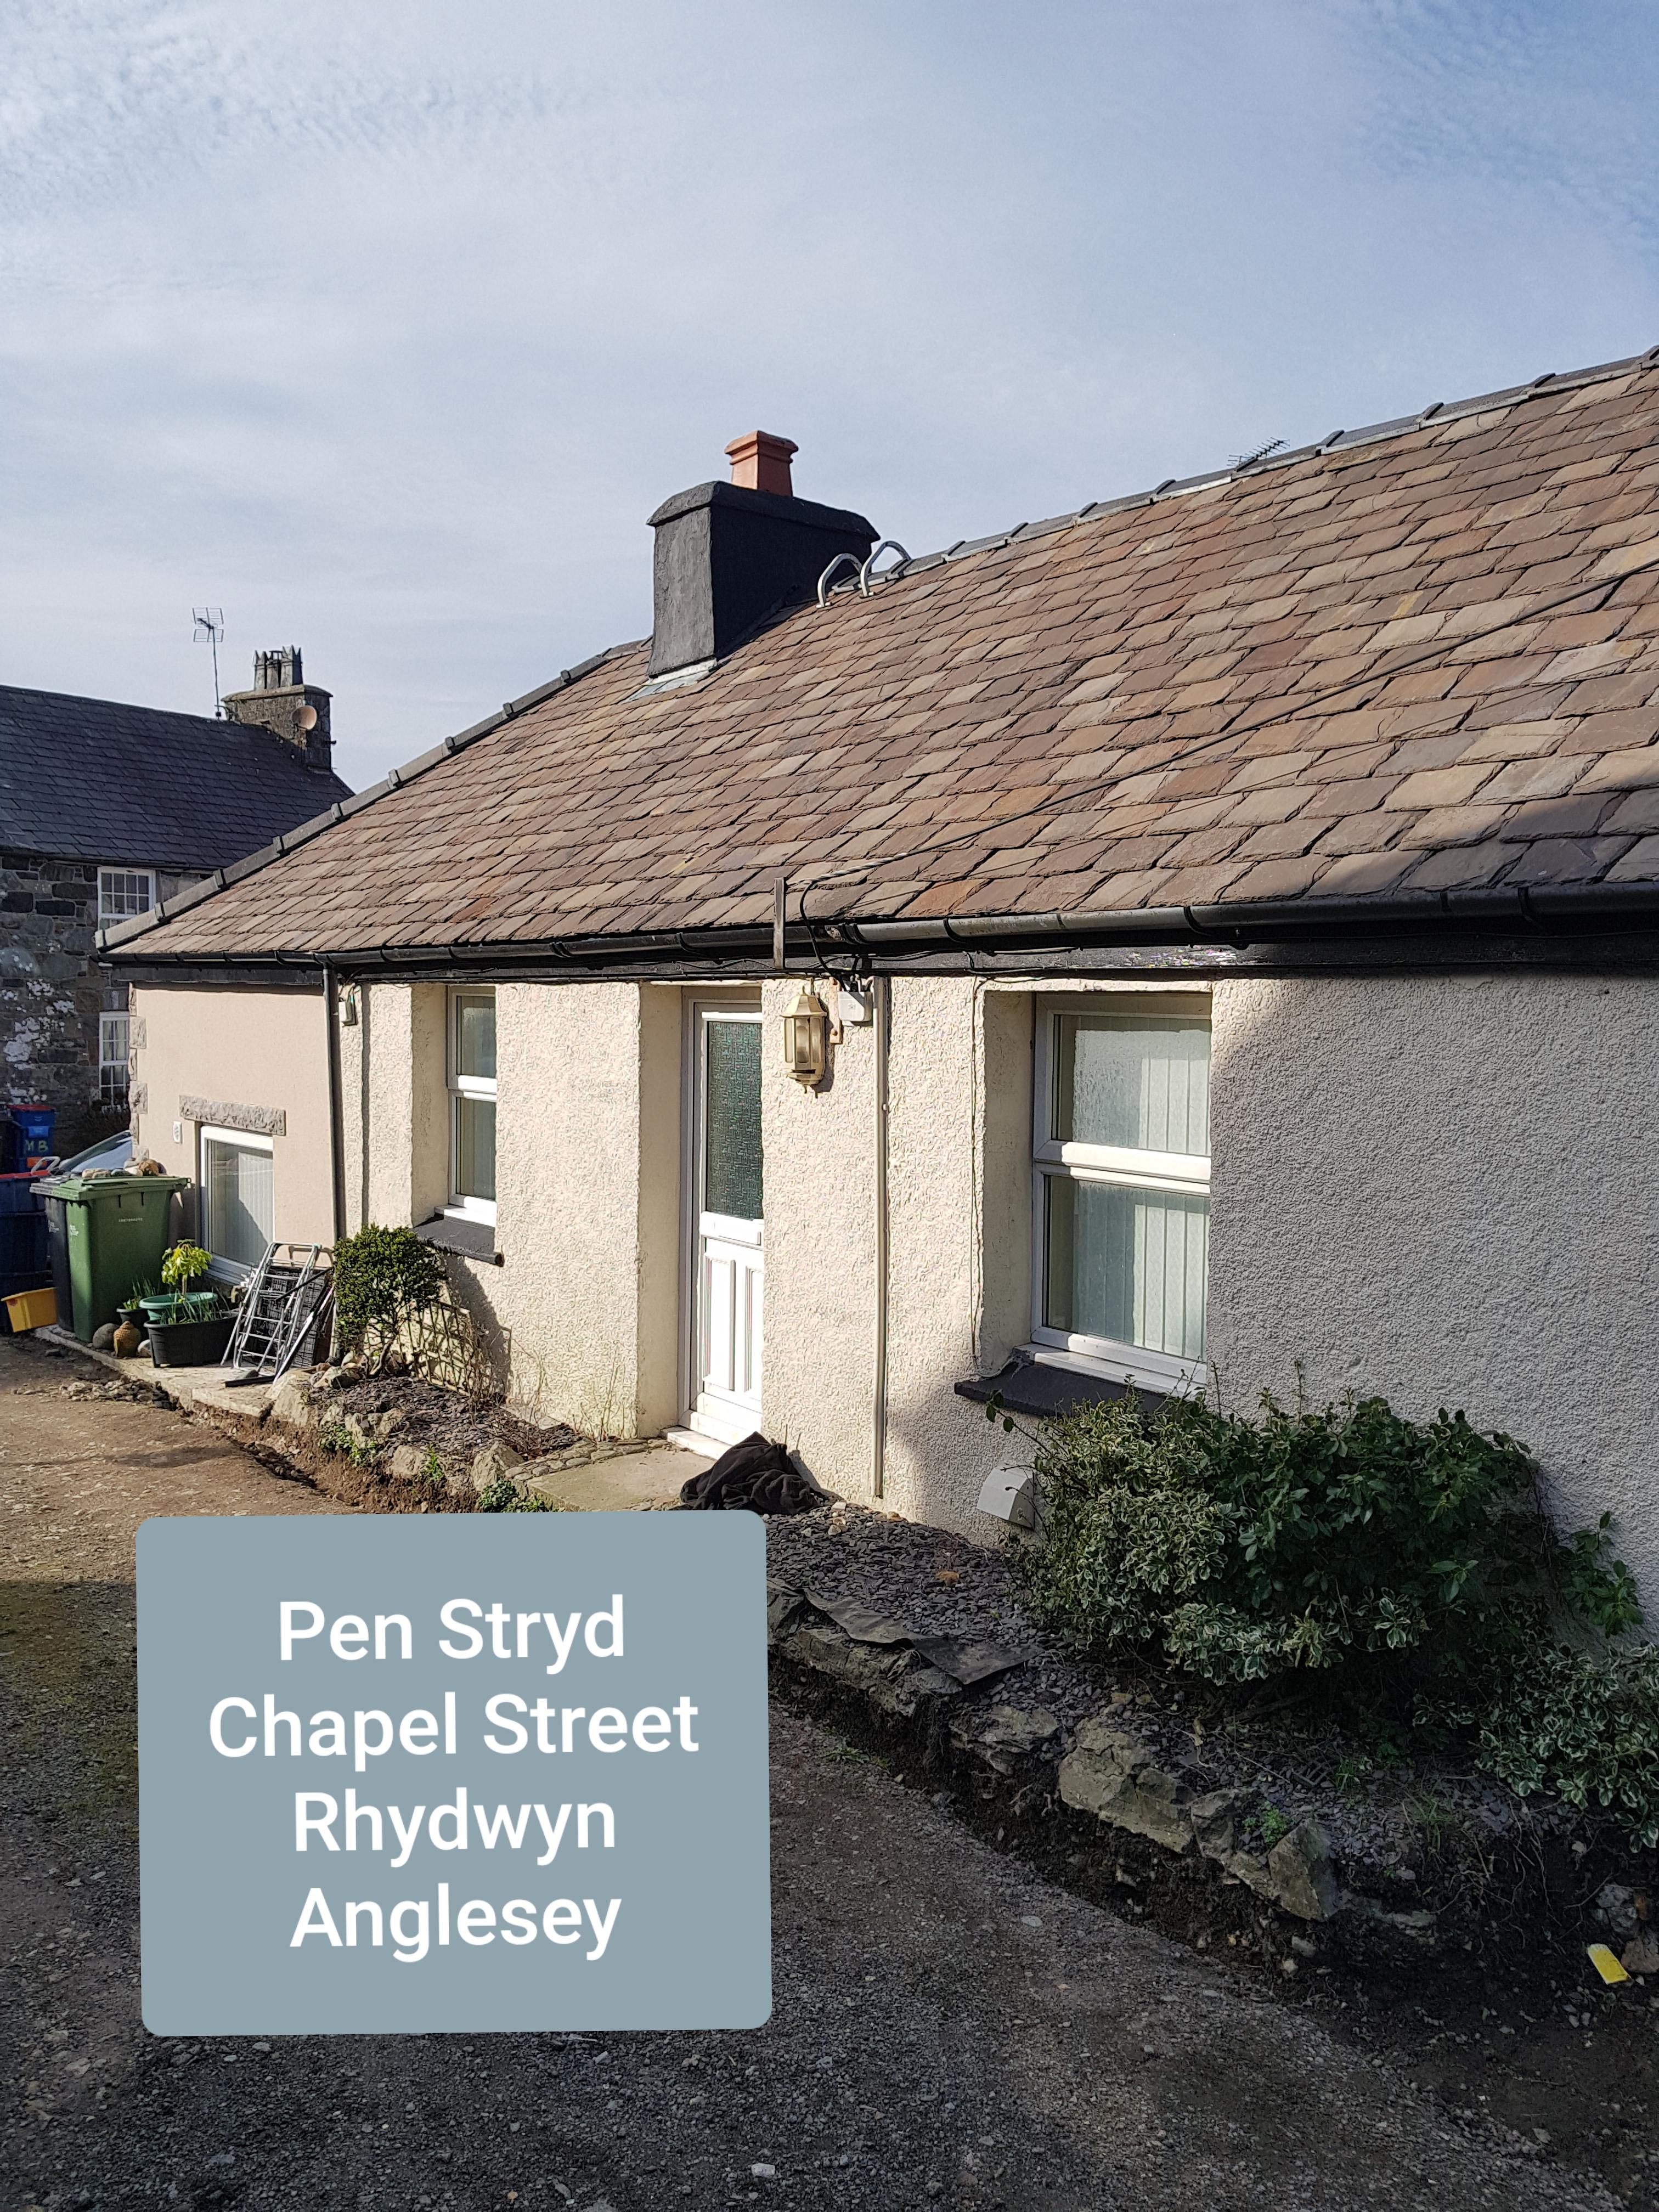 Pen Stryd, Chapel Street, Rhydwyn, Anglesey. LL65 4EB